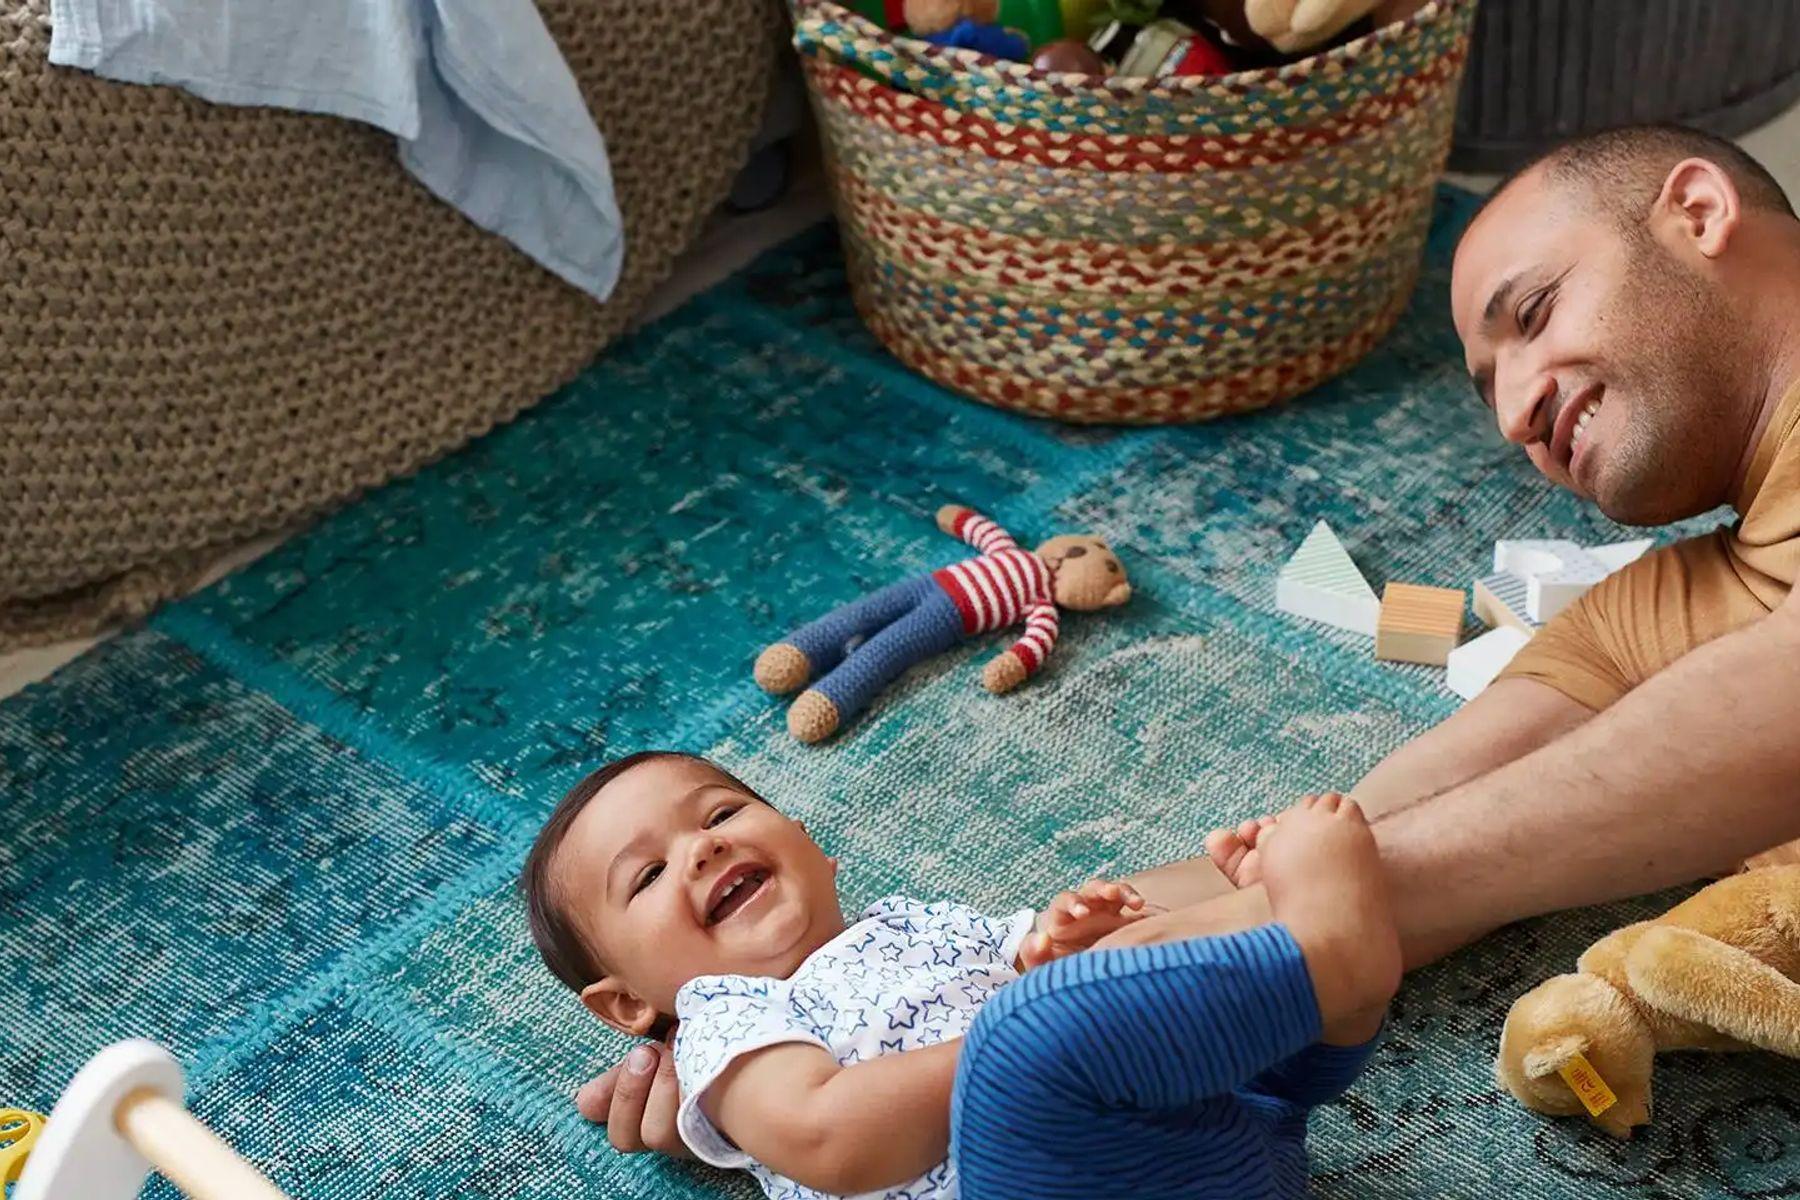 4 Cách lựa chọn đồ chơi an toàn cho bé theo độ tuổi